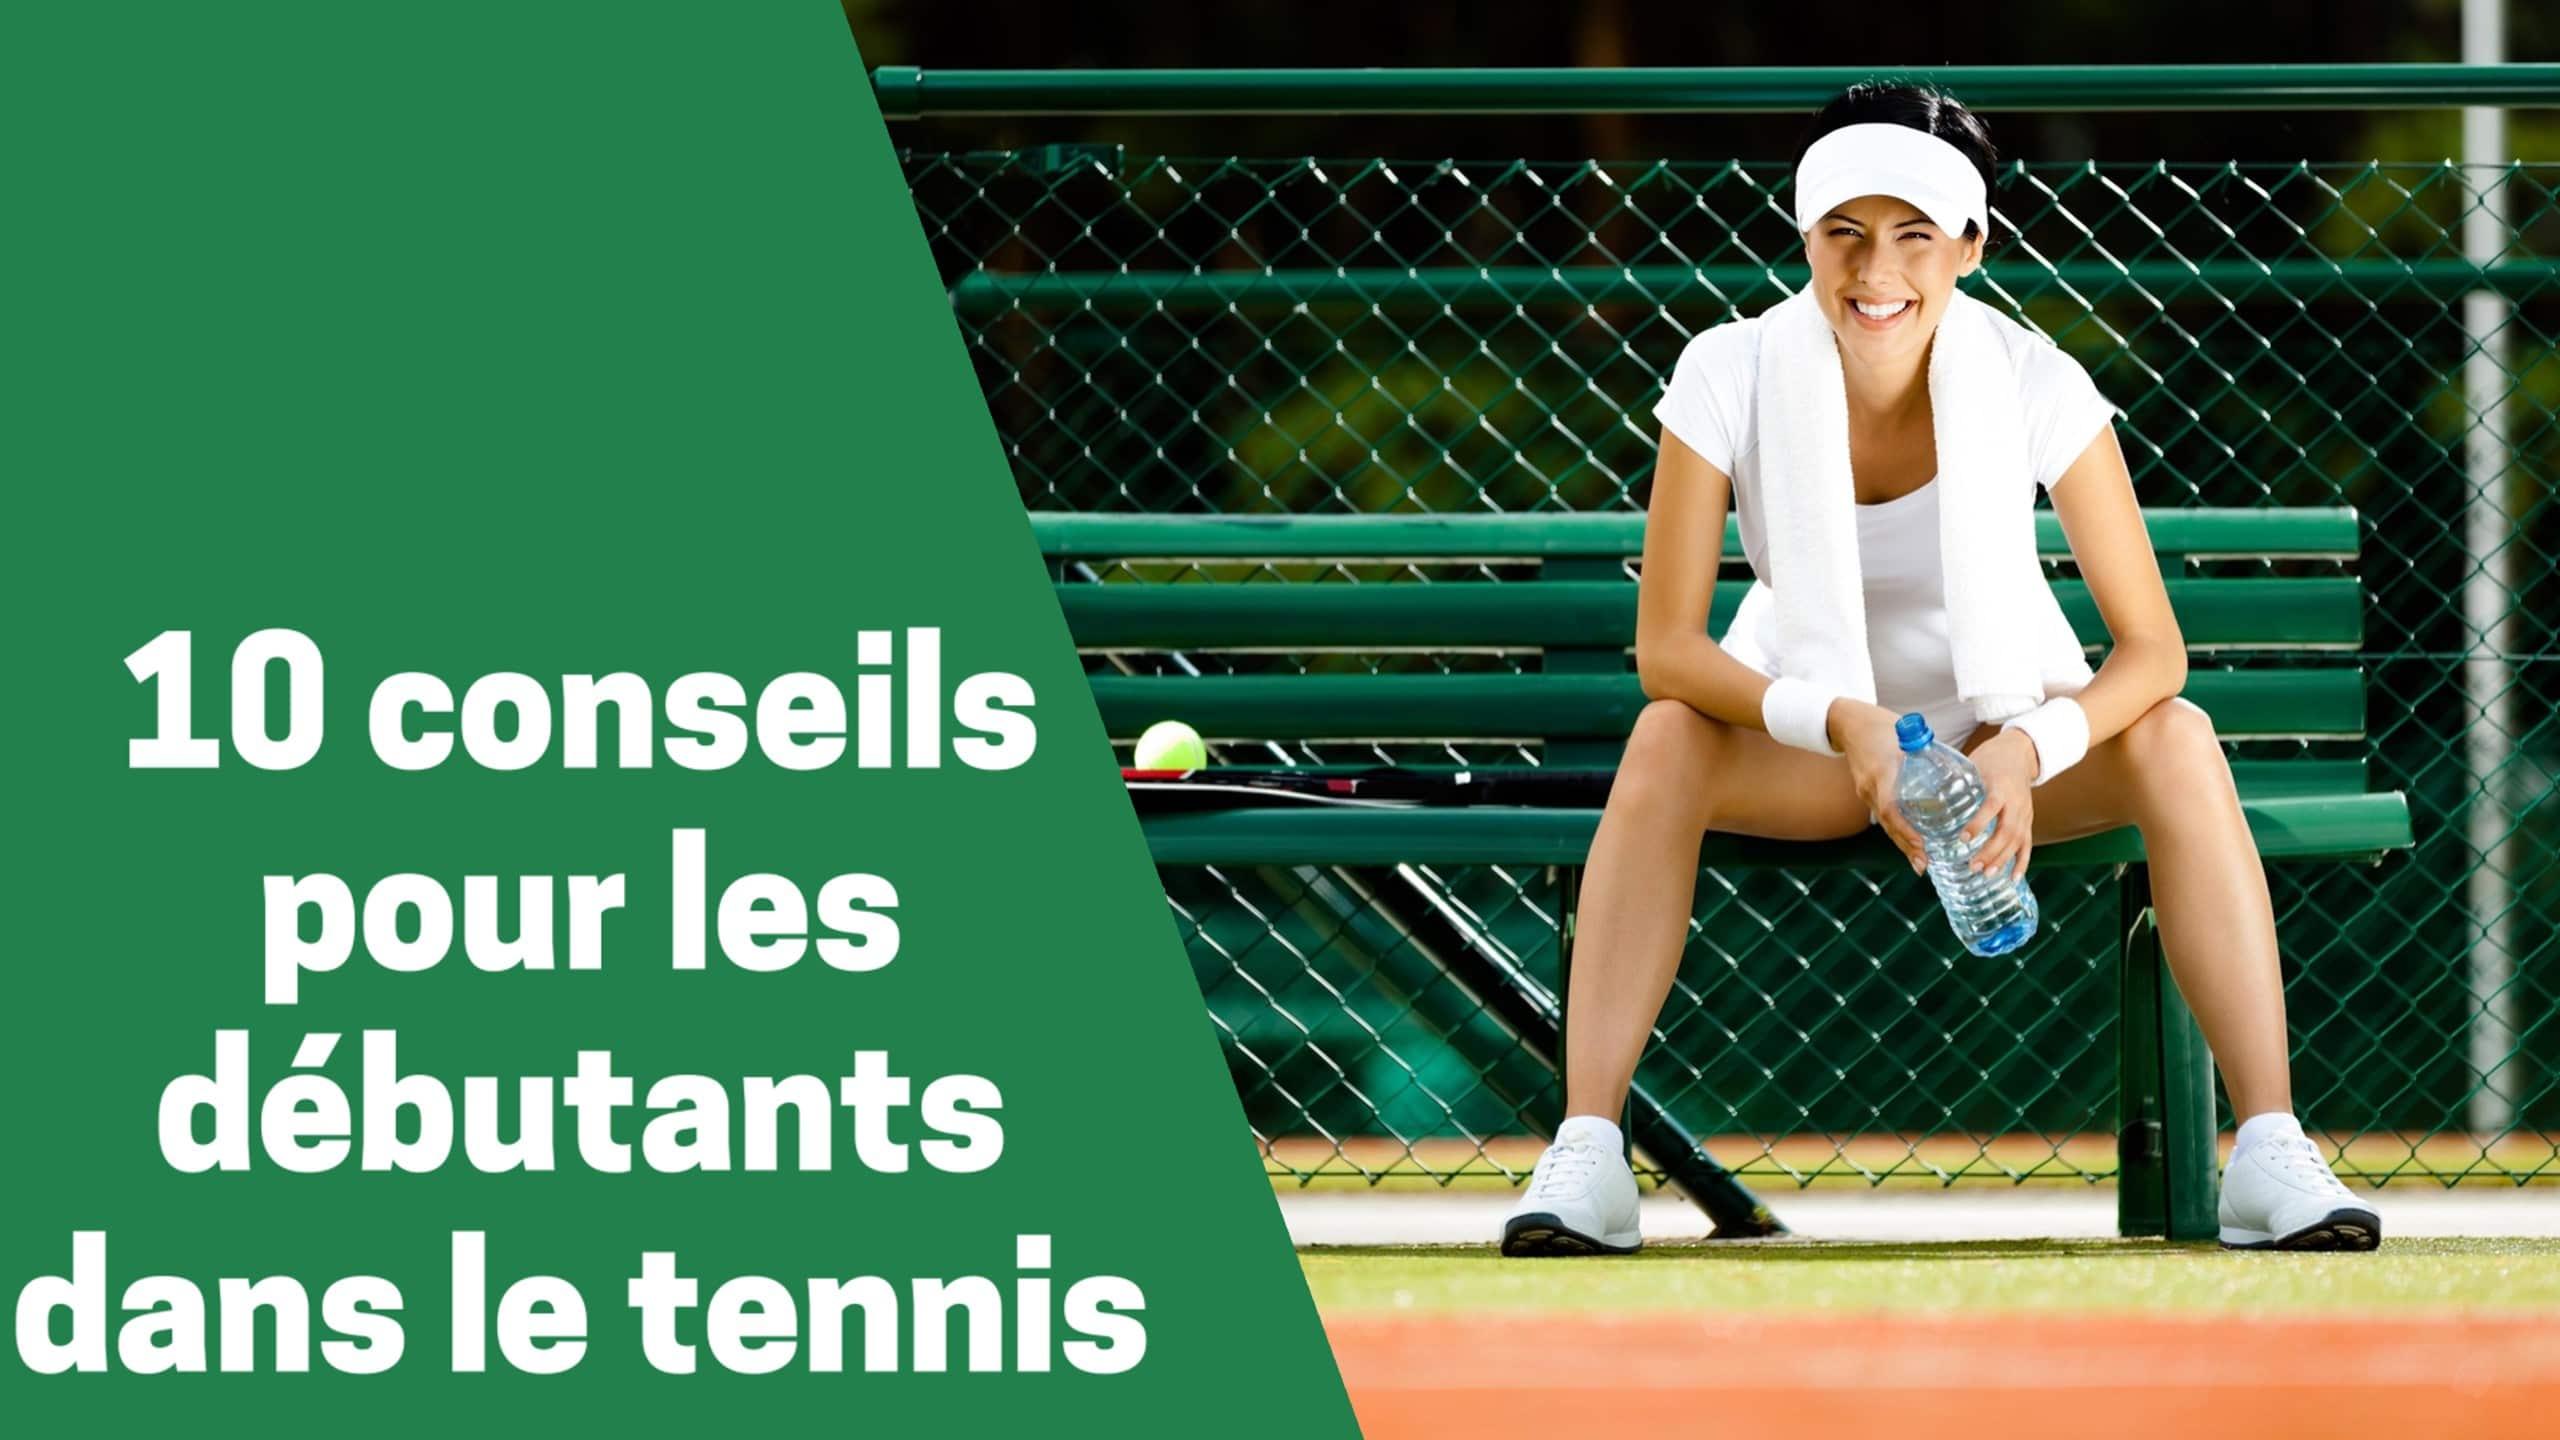 Voici 10 techniques à adopter par les débutants au tennis !